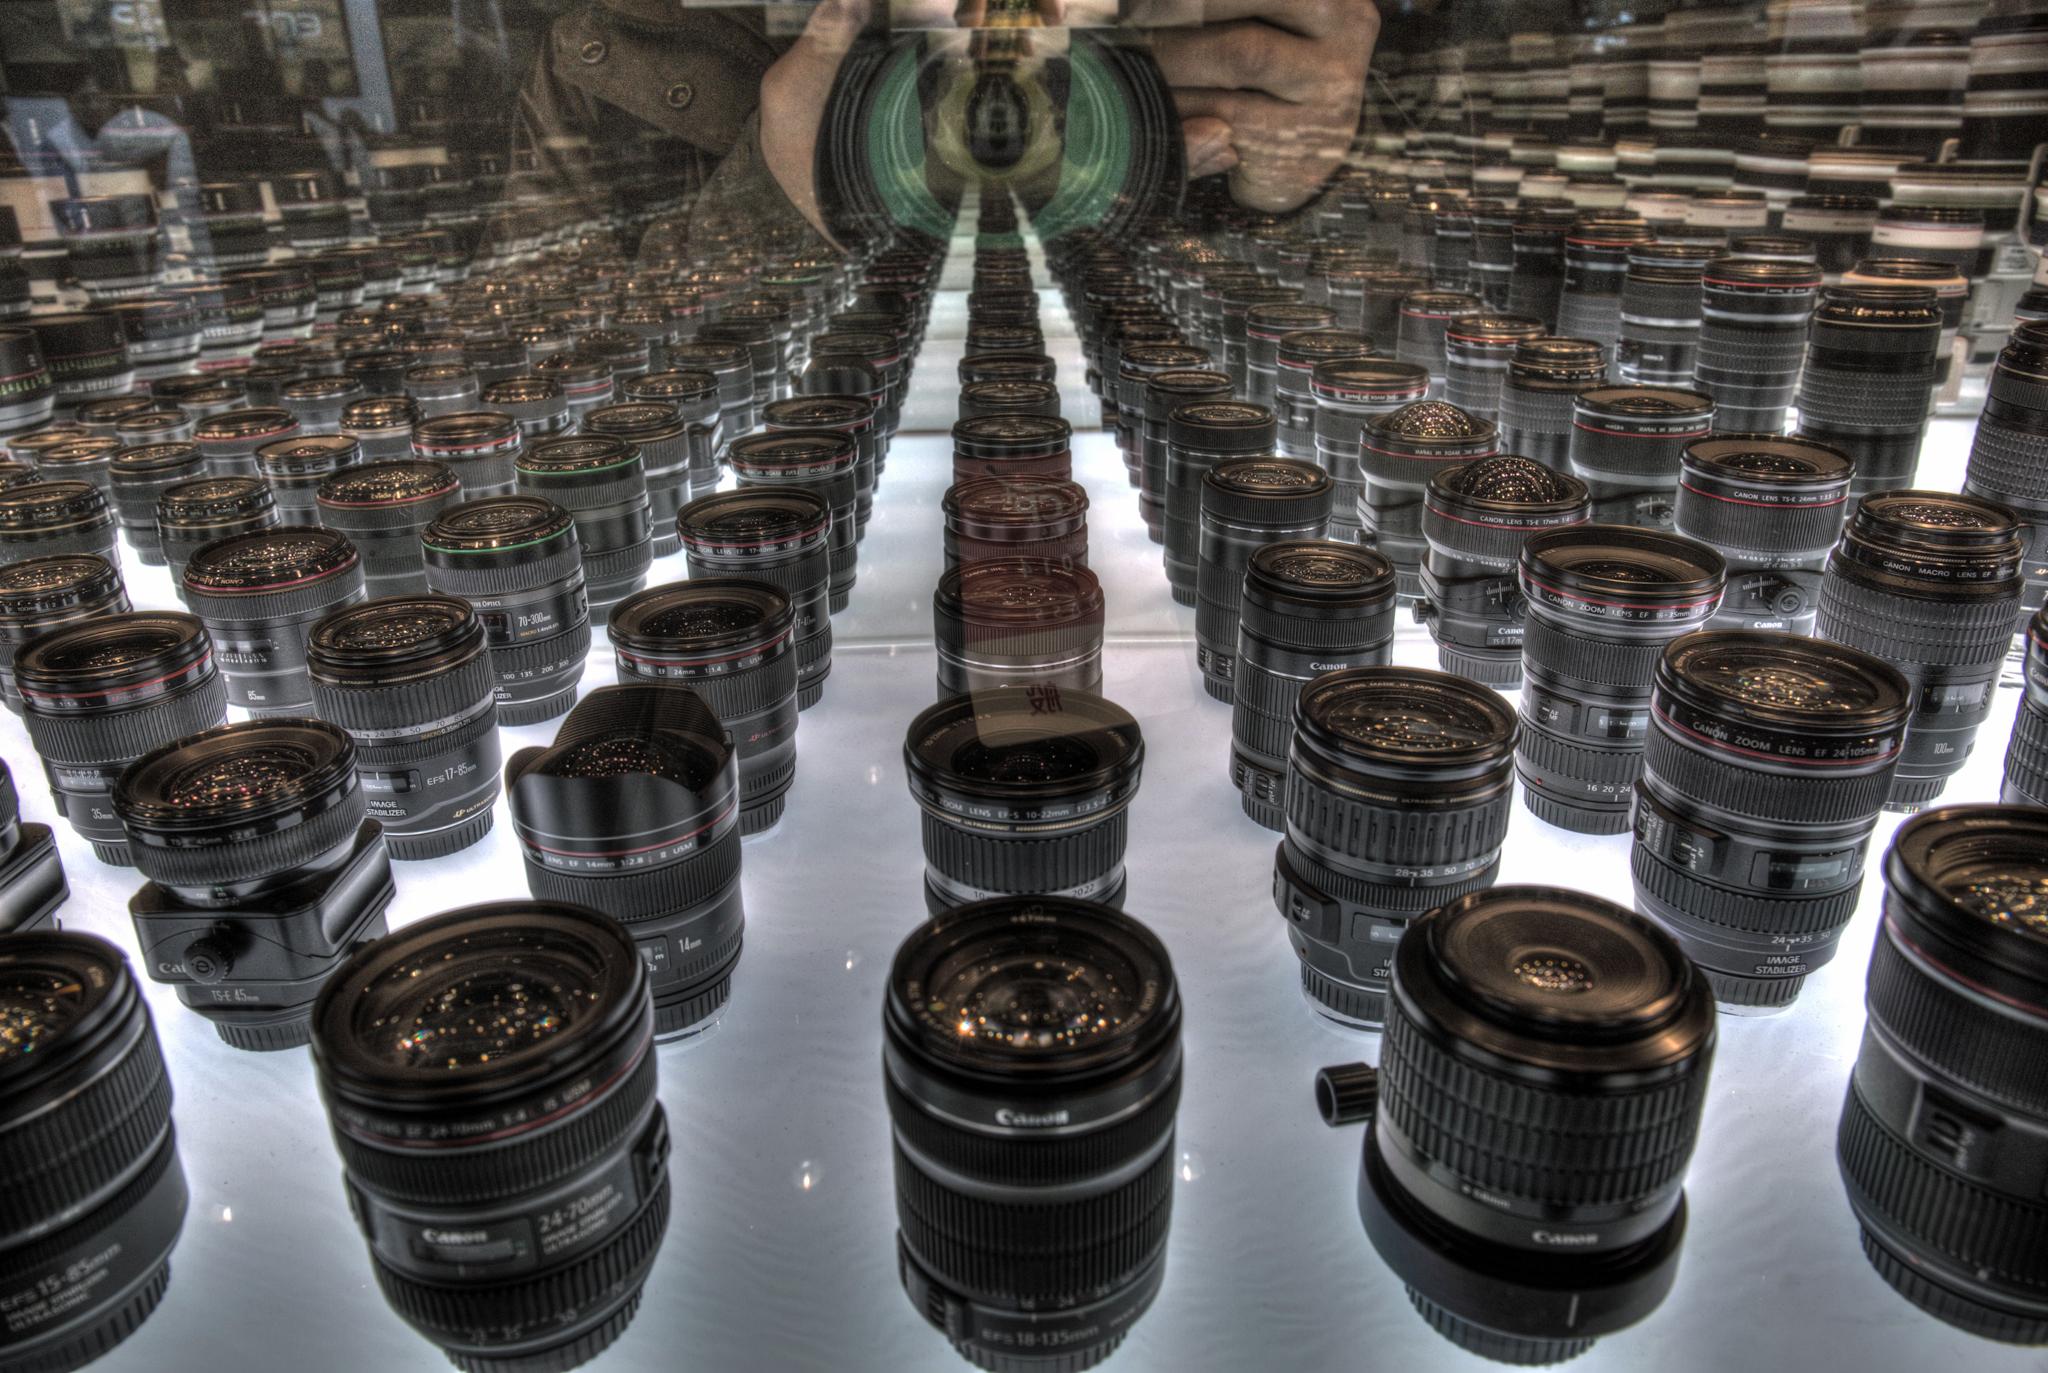 【全機材一覧表】現在使っているカメラ機材・レンズの紹介と今後の展望